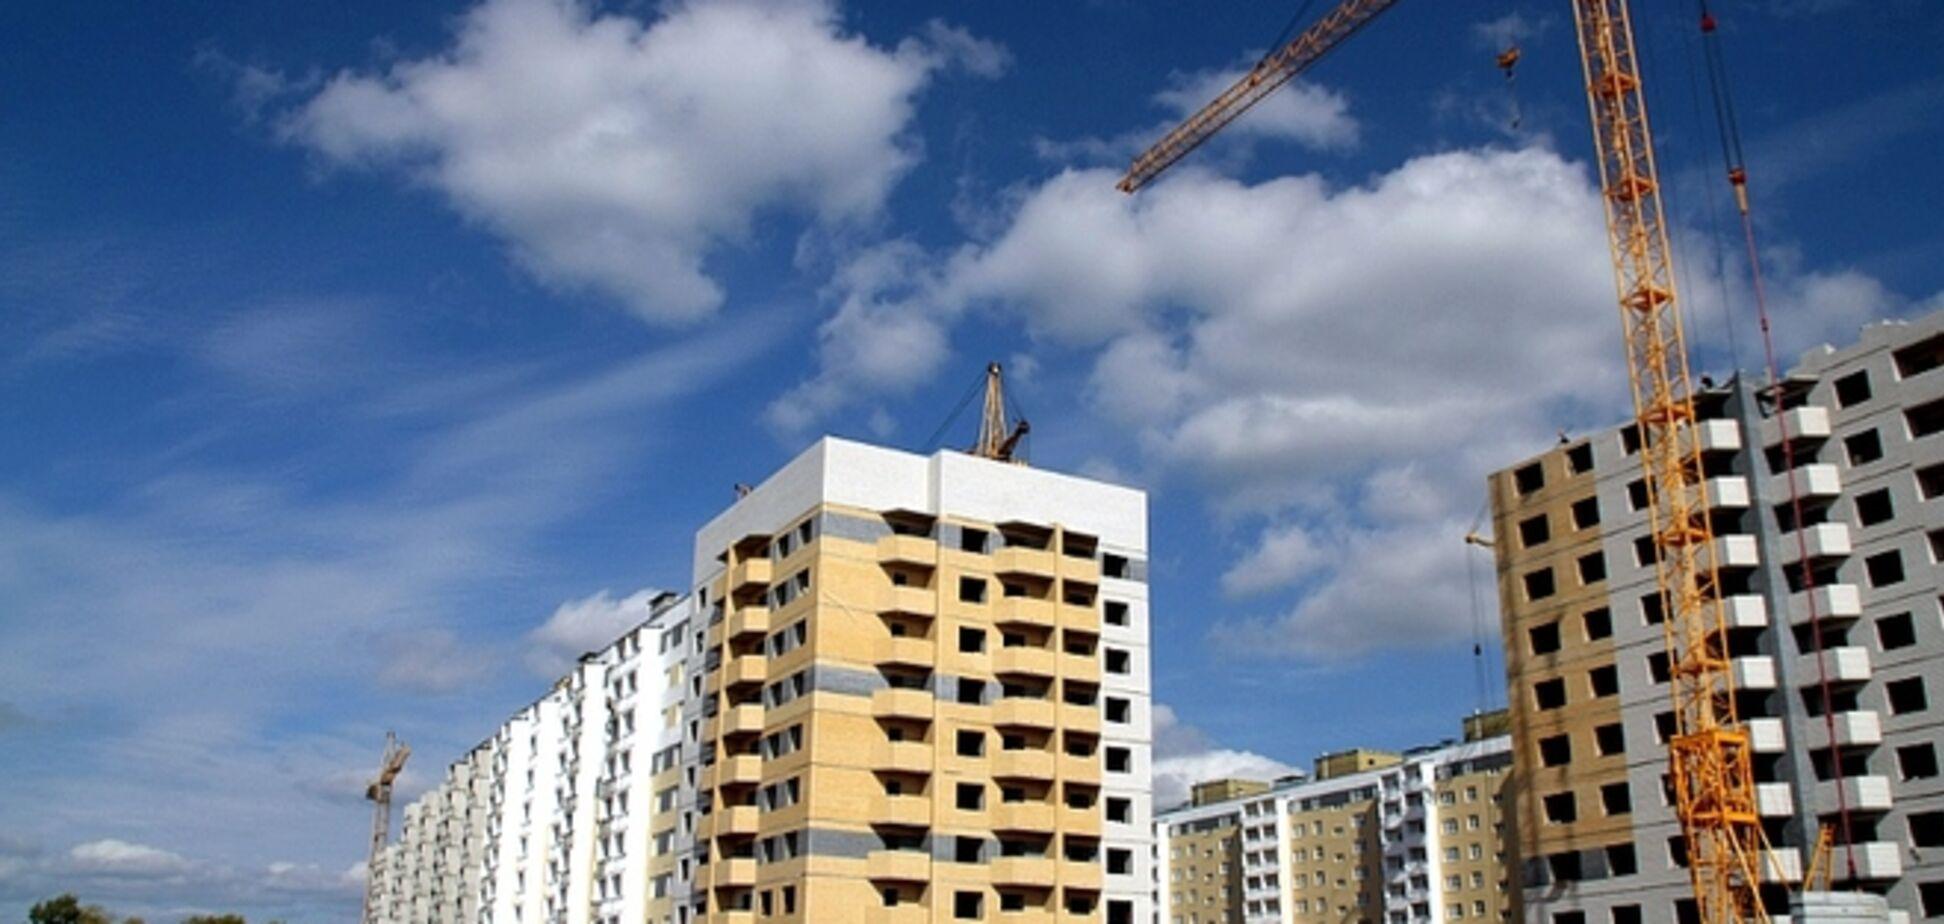 В период кризиса украинцы предпочитают вкладывать финансы в ремонт недвижимости